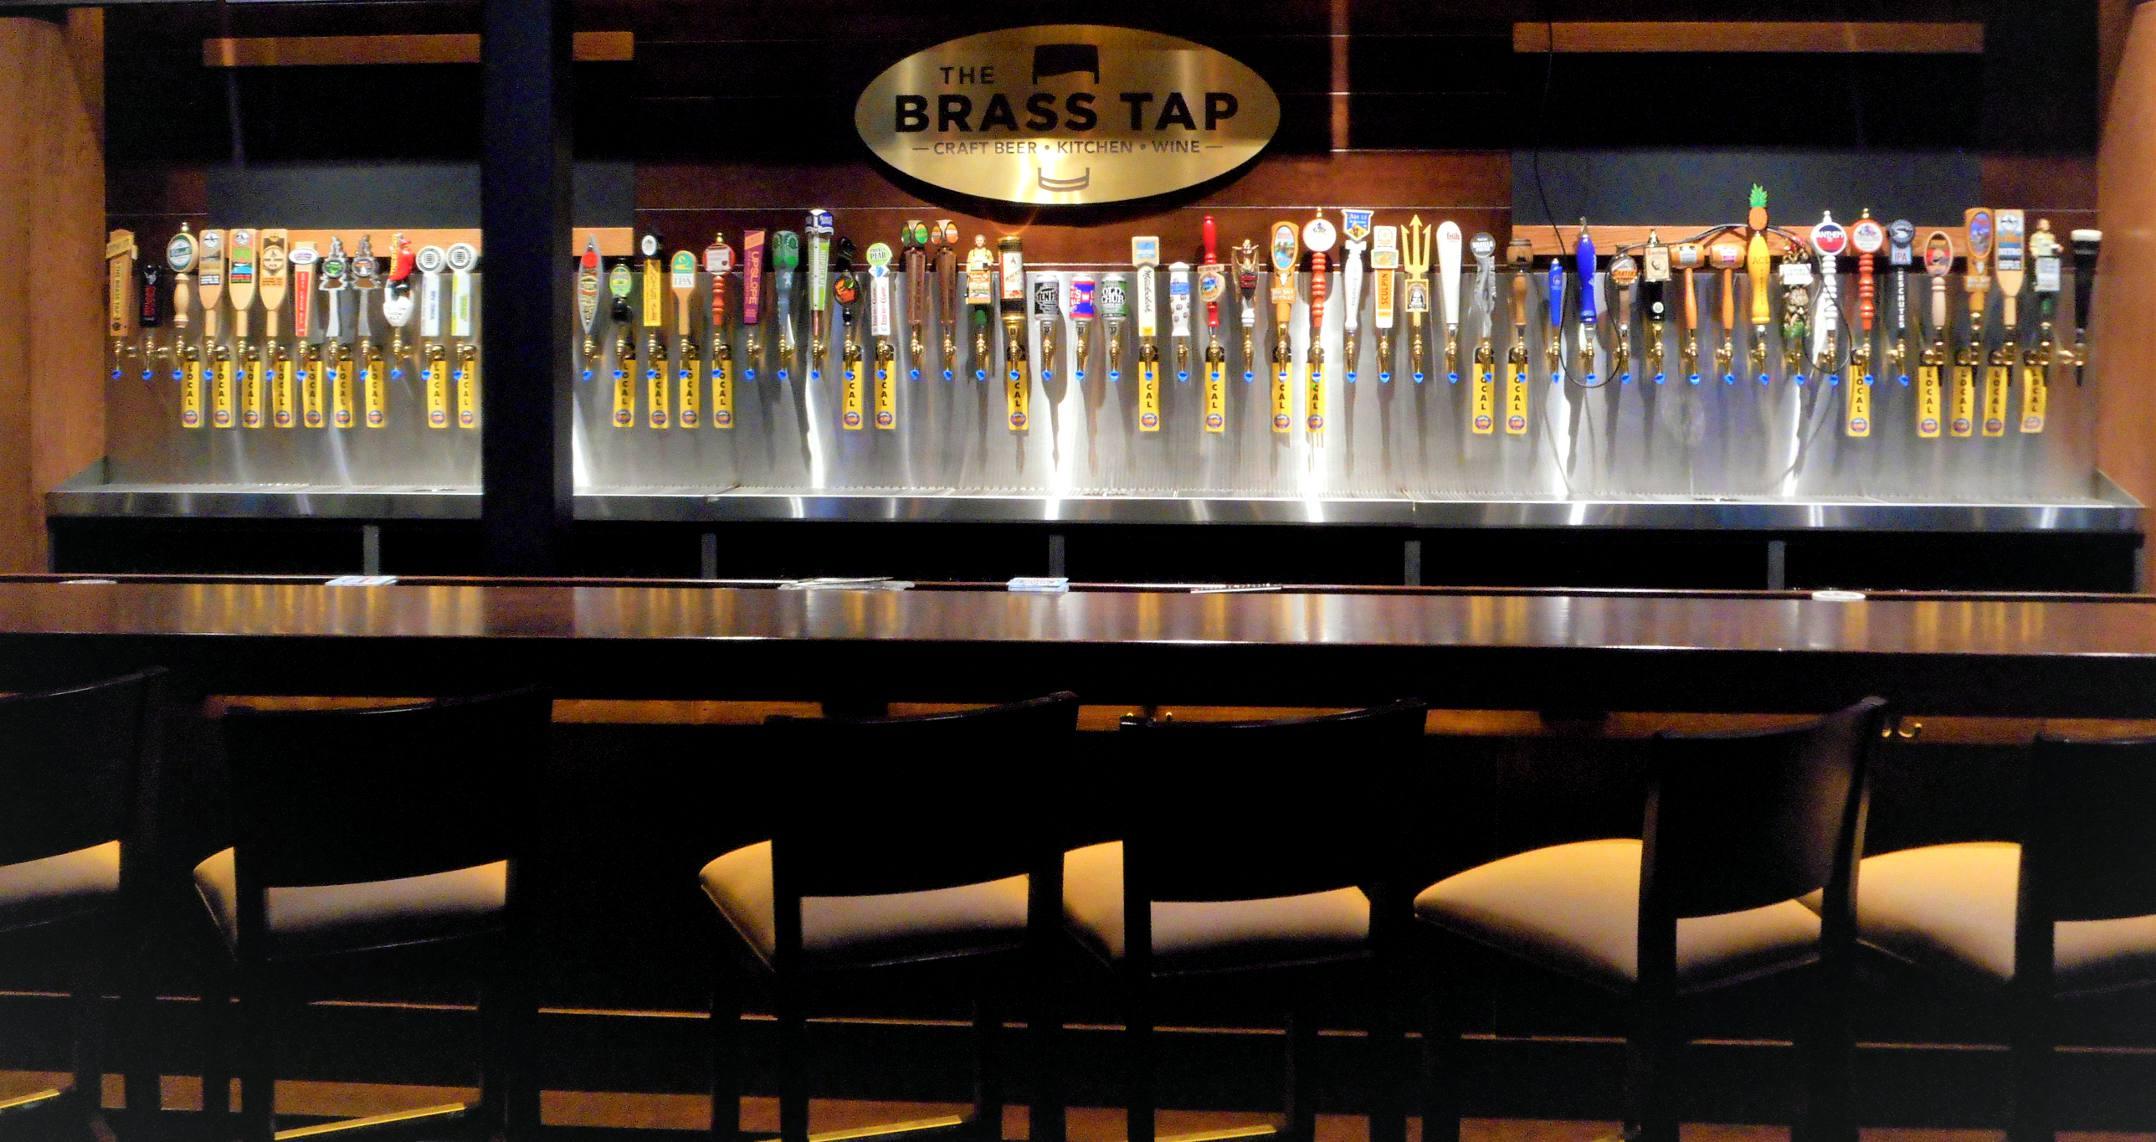 The brass tap in kalispell mt